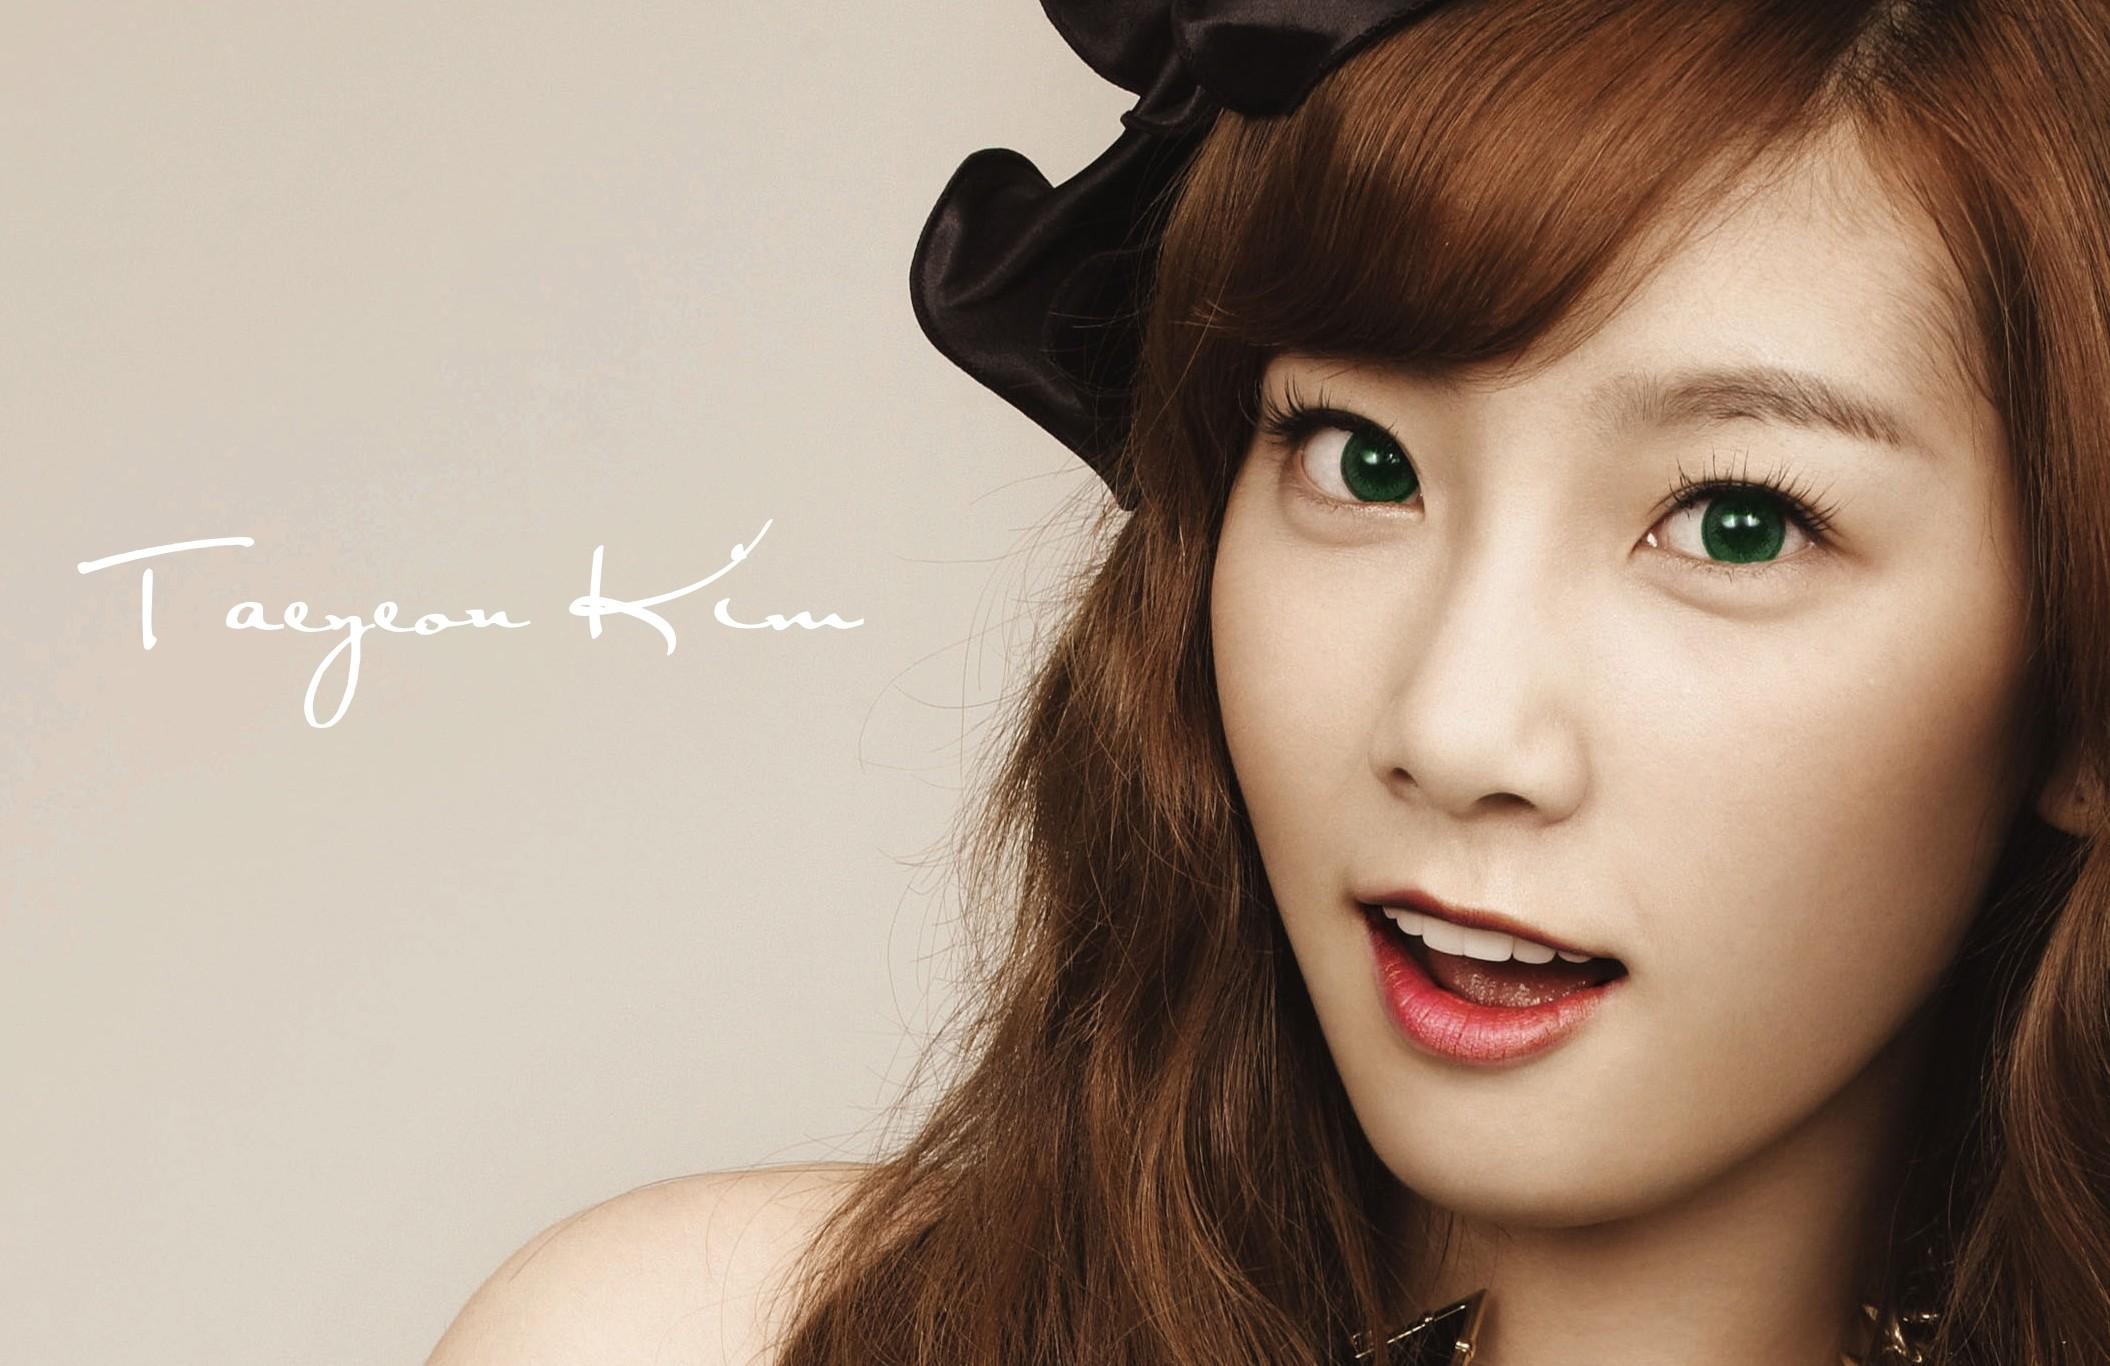 1k edit snsd taeyeon 500 girls' generation kim taeyeon snsd .